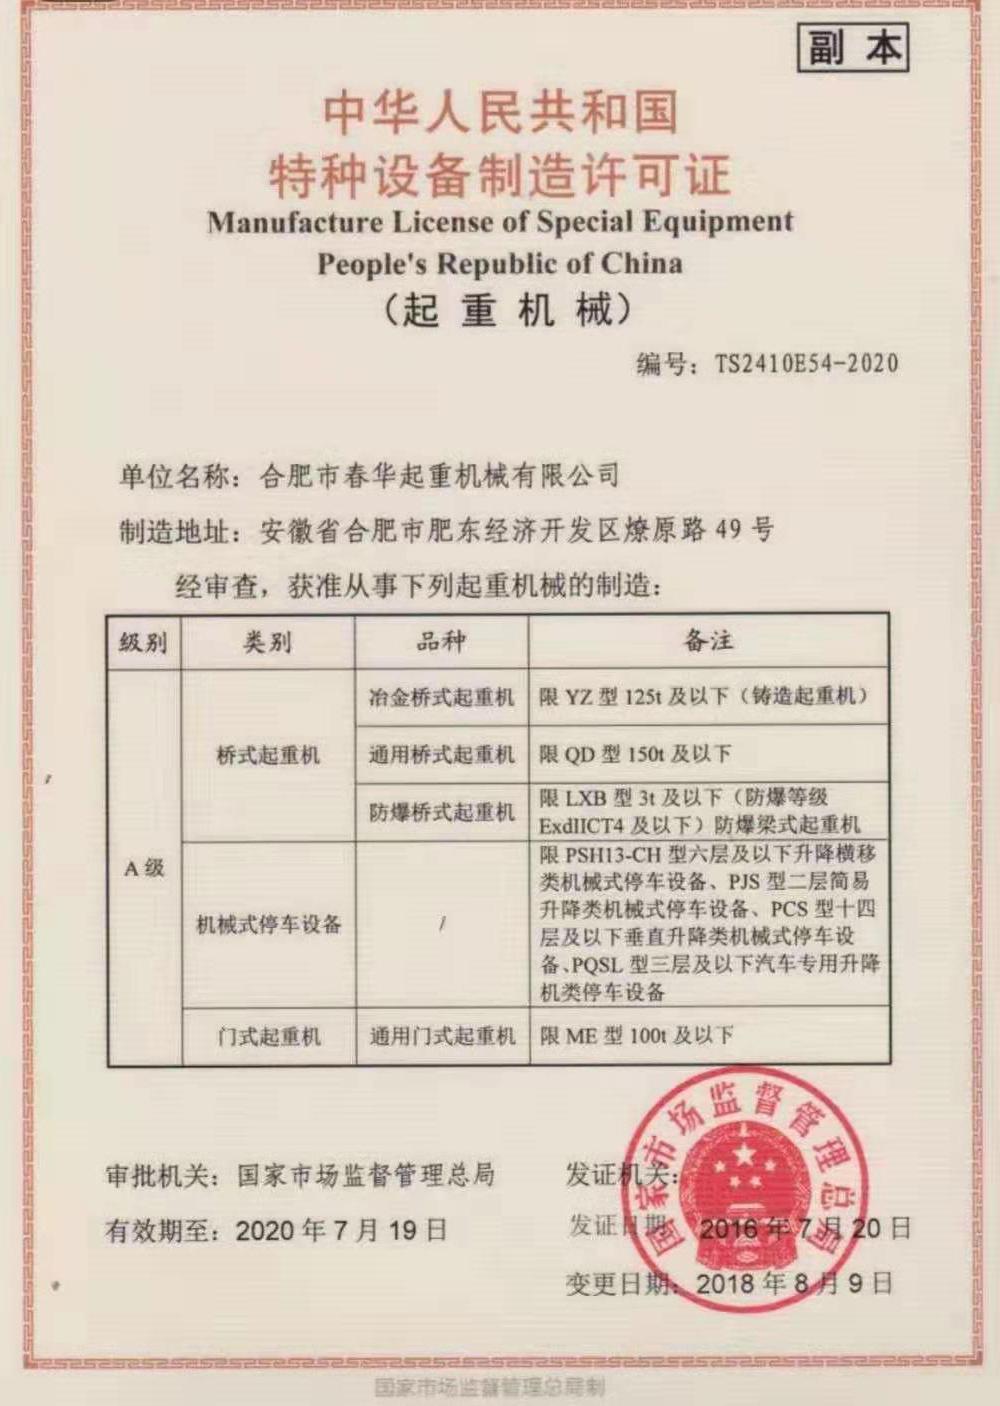 橋式門式起重機特種設備制造許可證